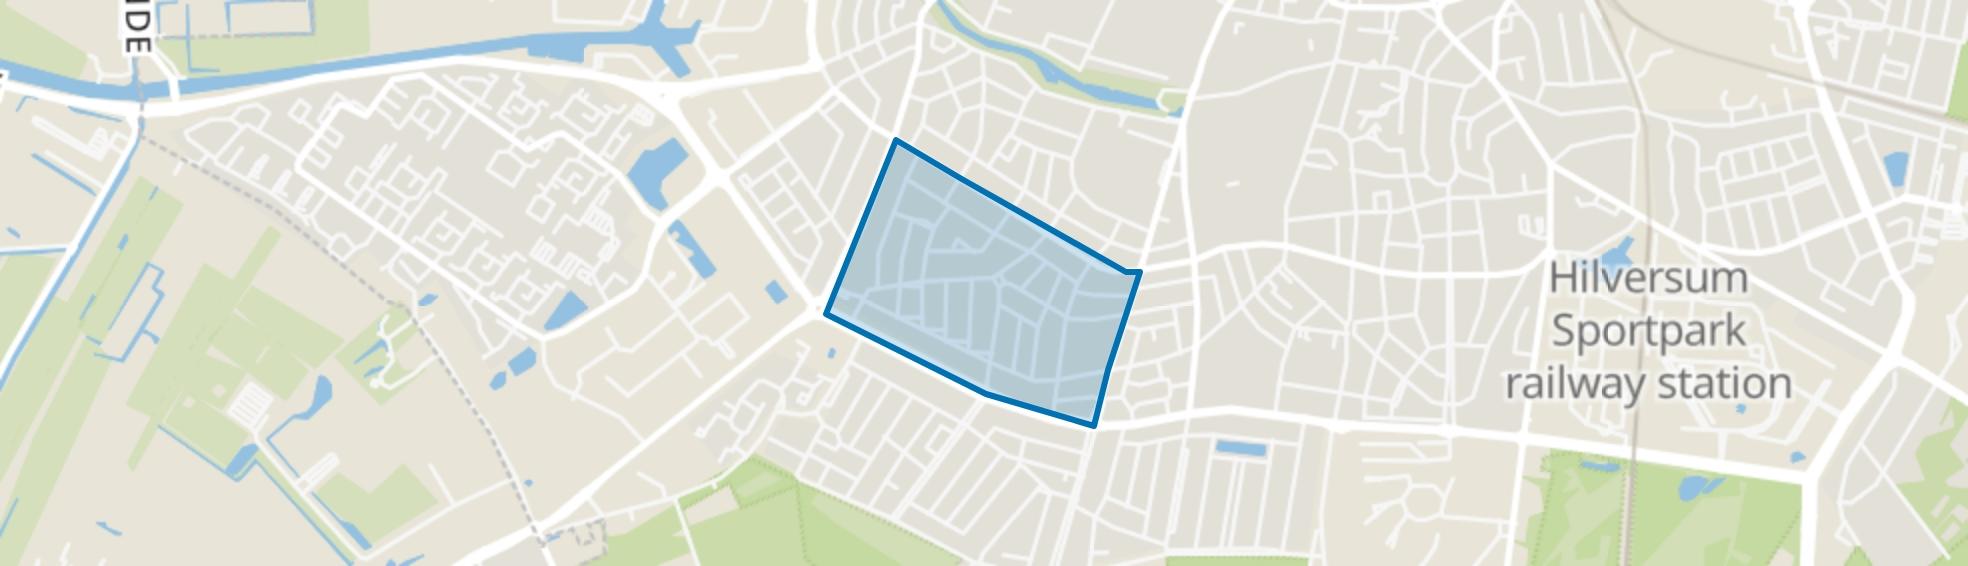 Staatsliedenkwartier, Hilversum map